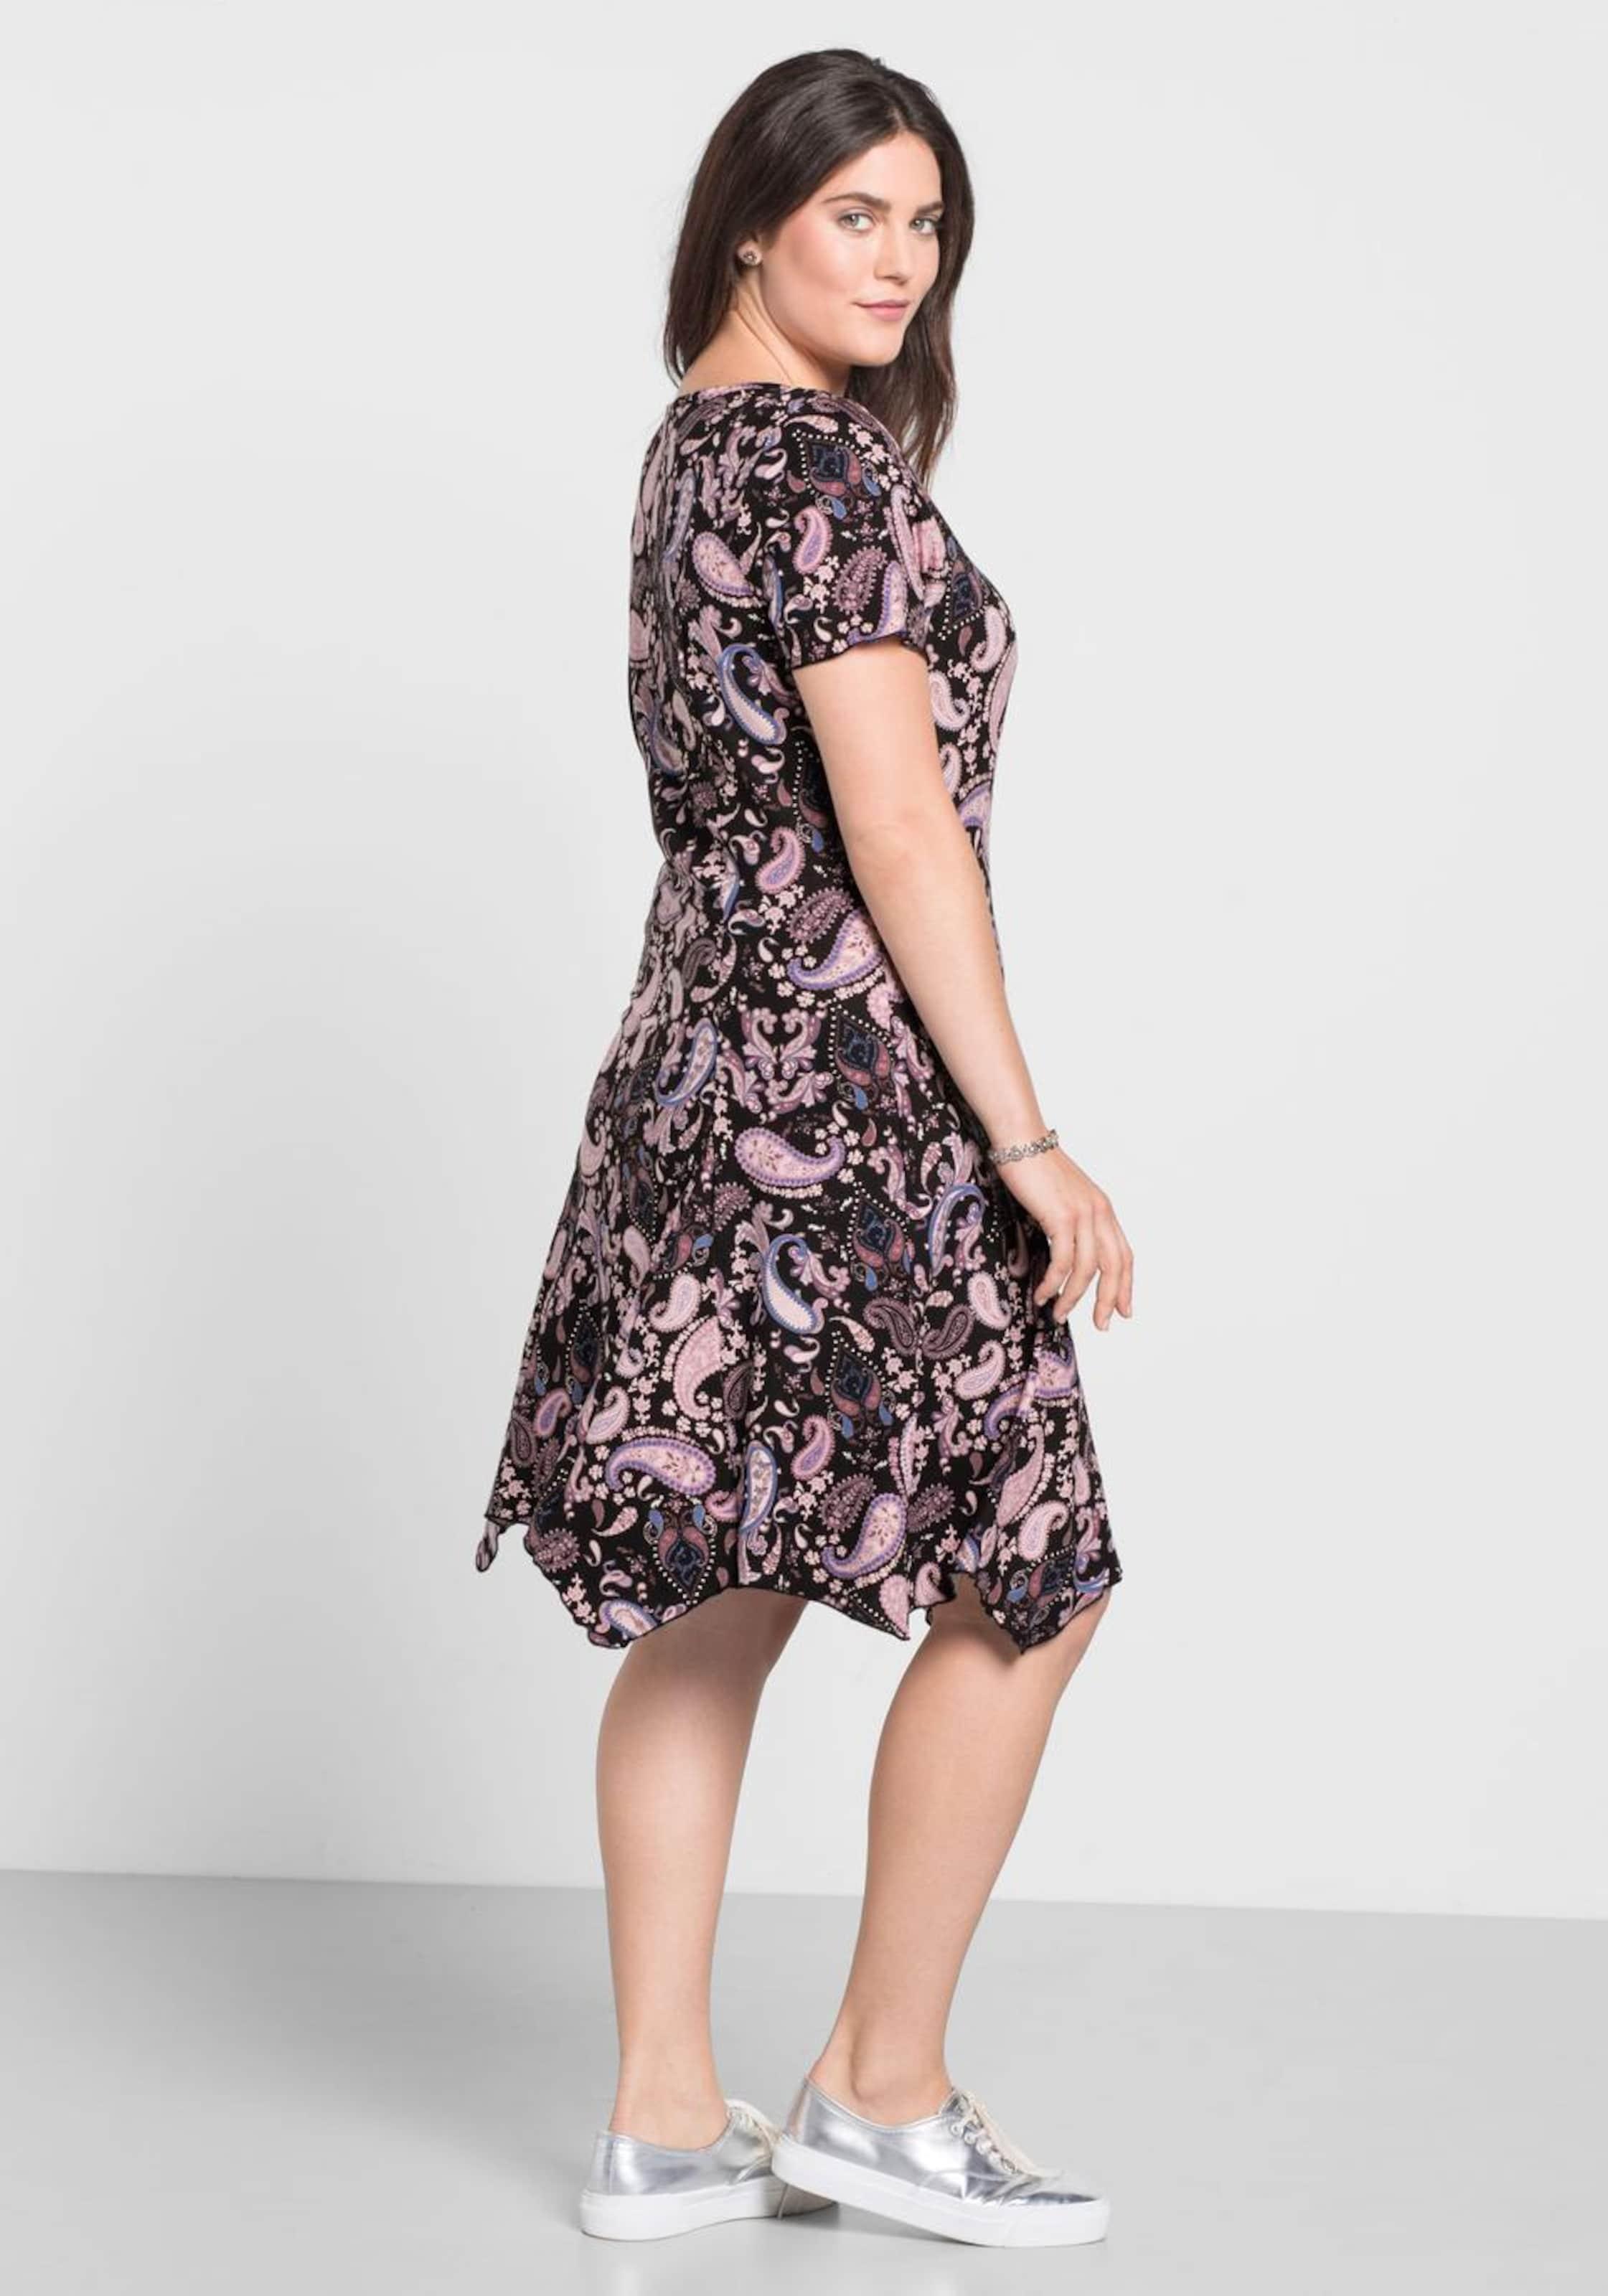 Günstig Kaufen 100% Original Zum Verkauf Rabatt Verkauf sheego casual Kleid mit Paisley-Muster Auslass Offiziellen Besuchen Online-Verkauf Neu Frei Verschiffen Diqu9